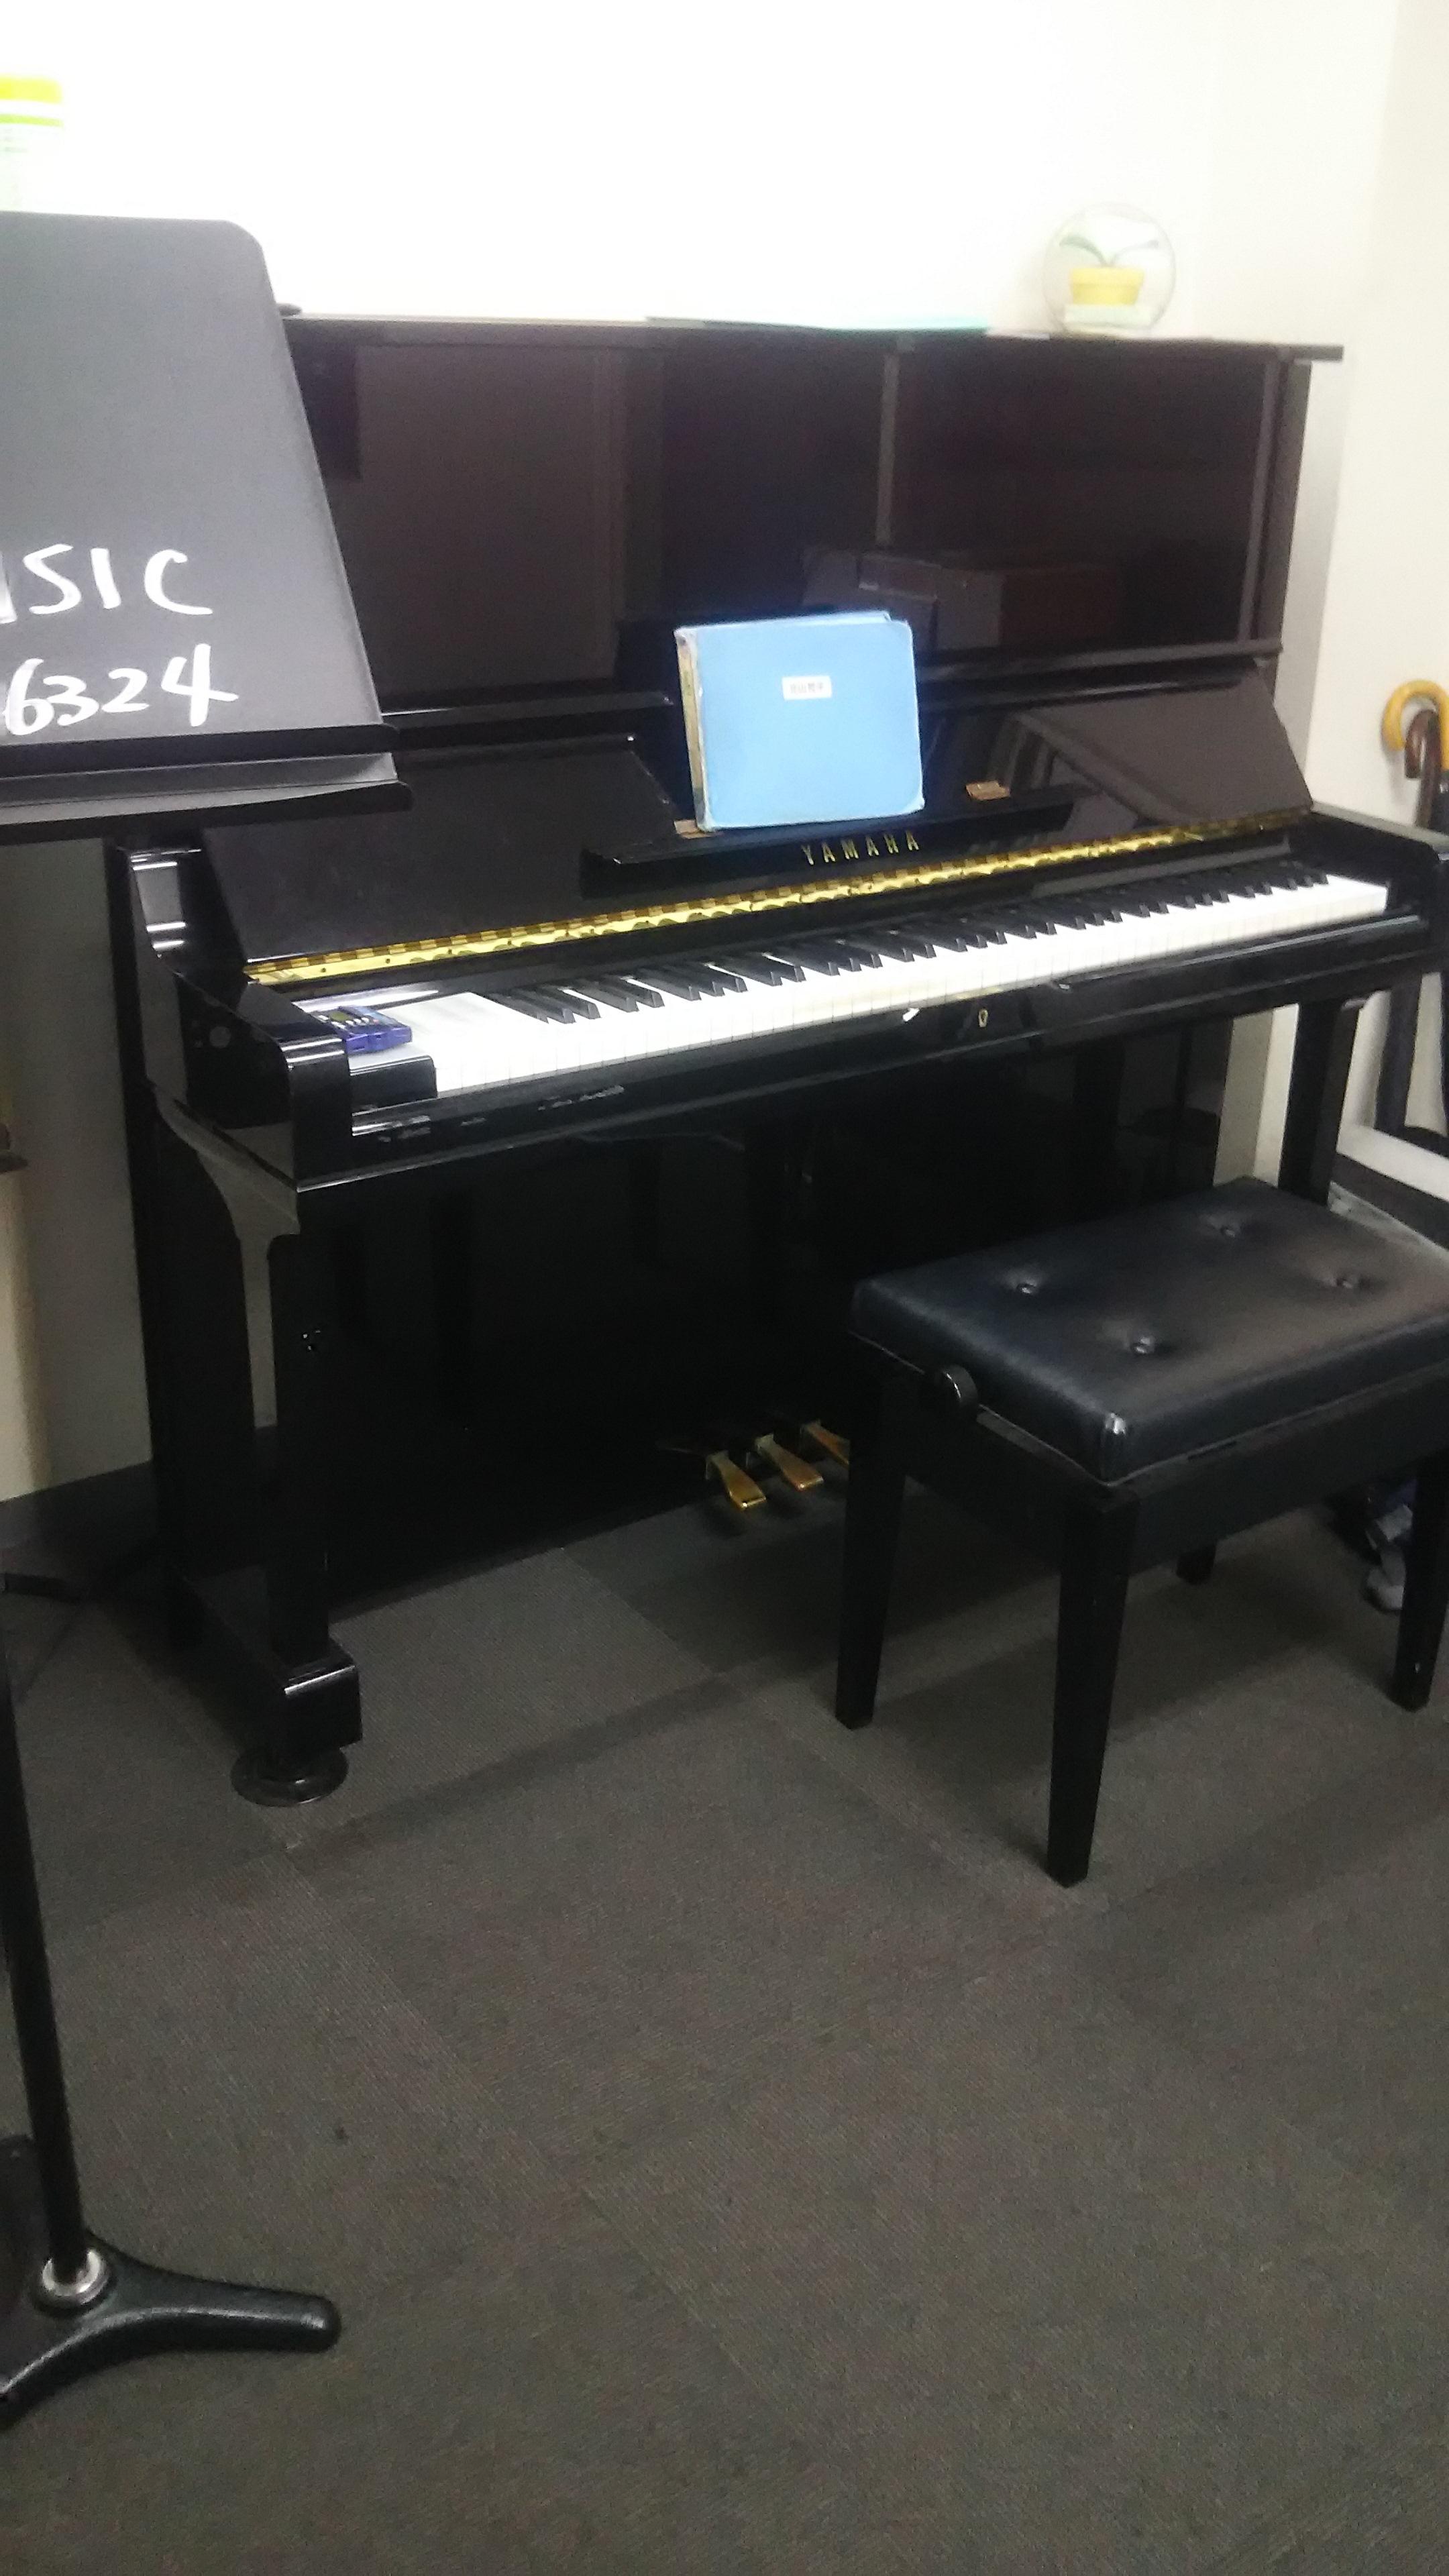 横浜ジャム音楽学院の写真5